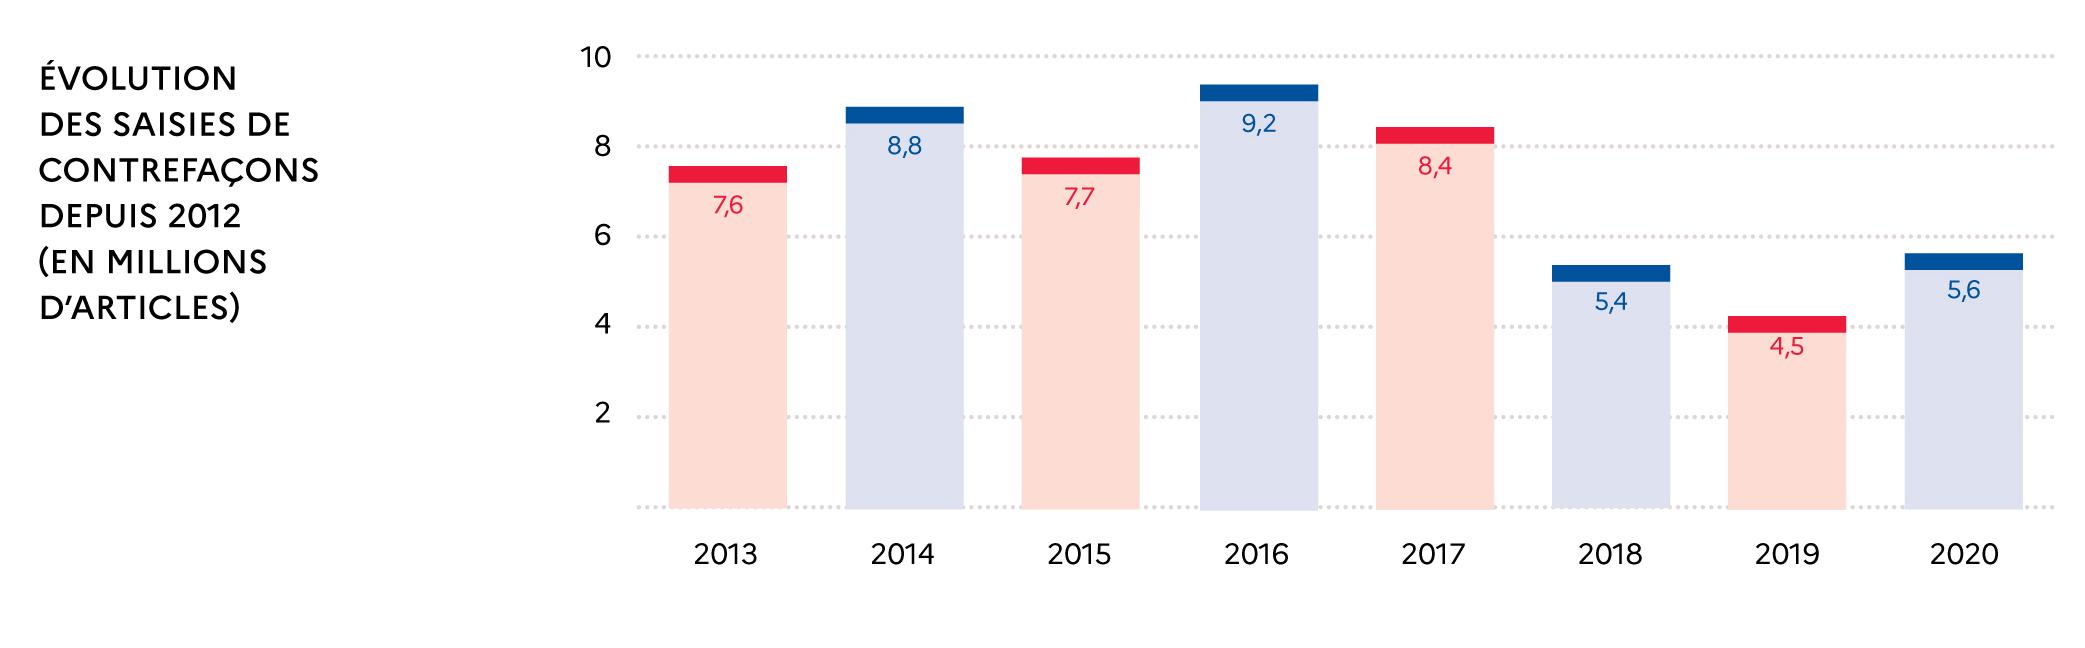 Évolution des saisies de contrefaçons depuis 2012 (en millions d'aricles)